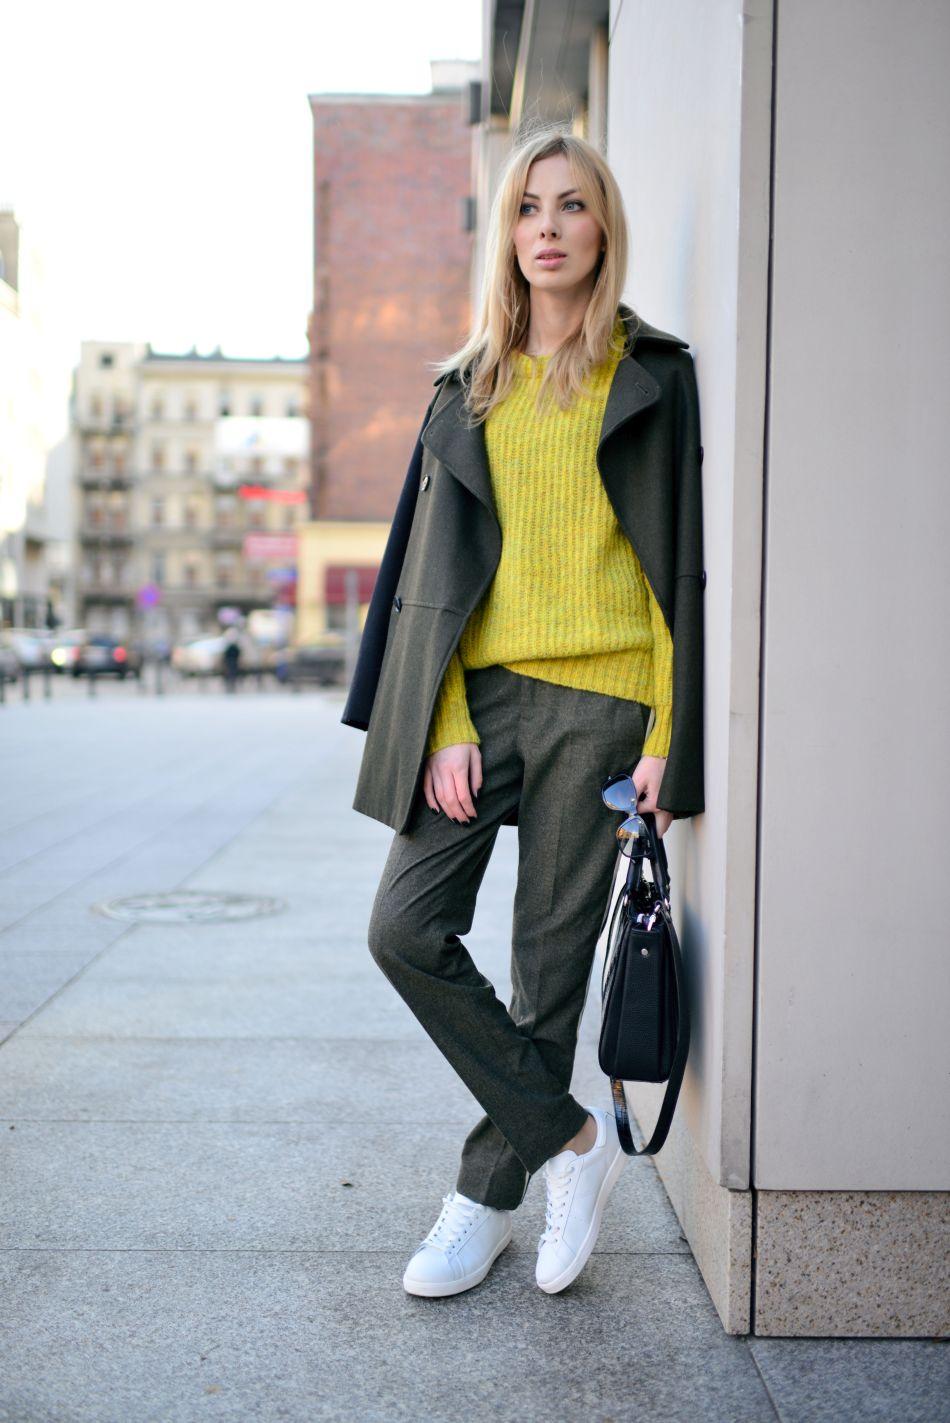 sportowe buty do eleganckich spodni